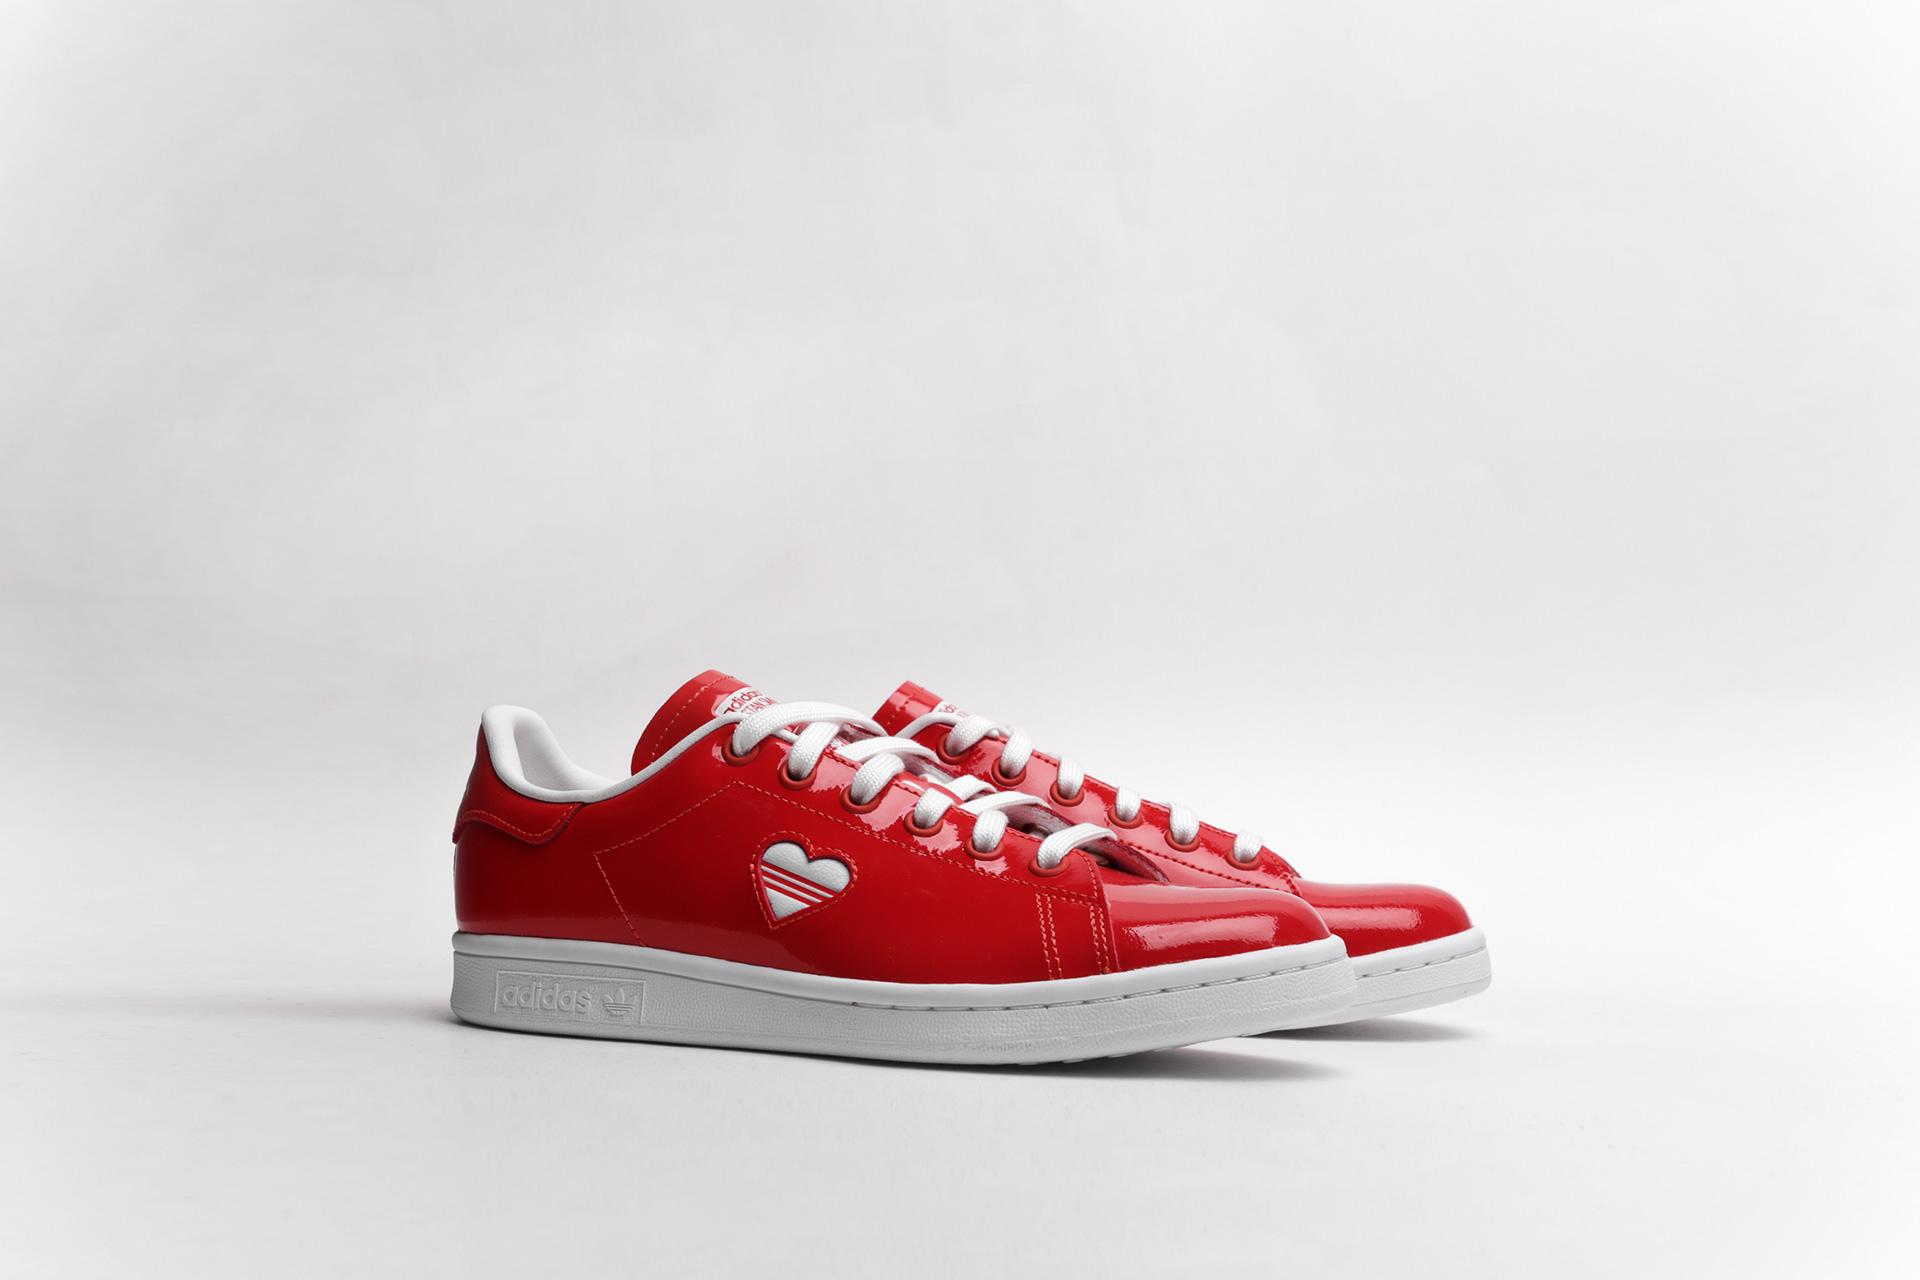 4d1e6df6bfd7 Купить красные женские кроссовки Stan Smith W от adidas Originals ...